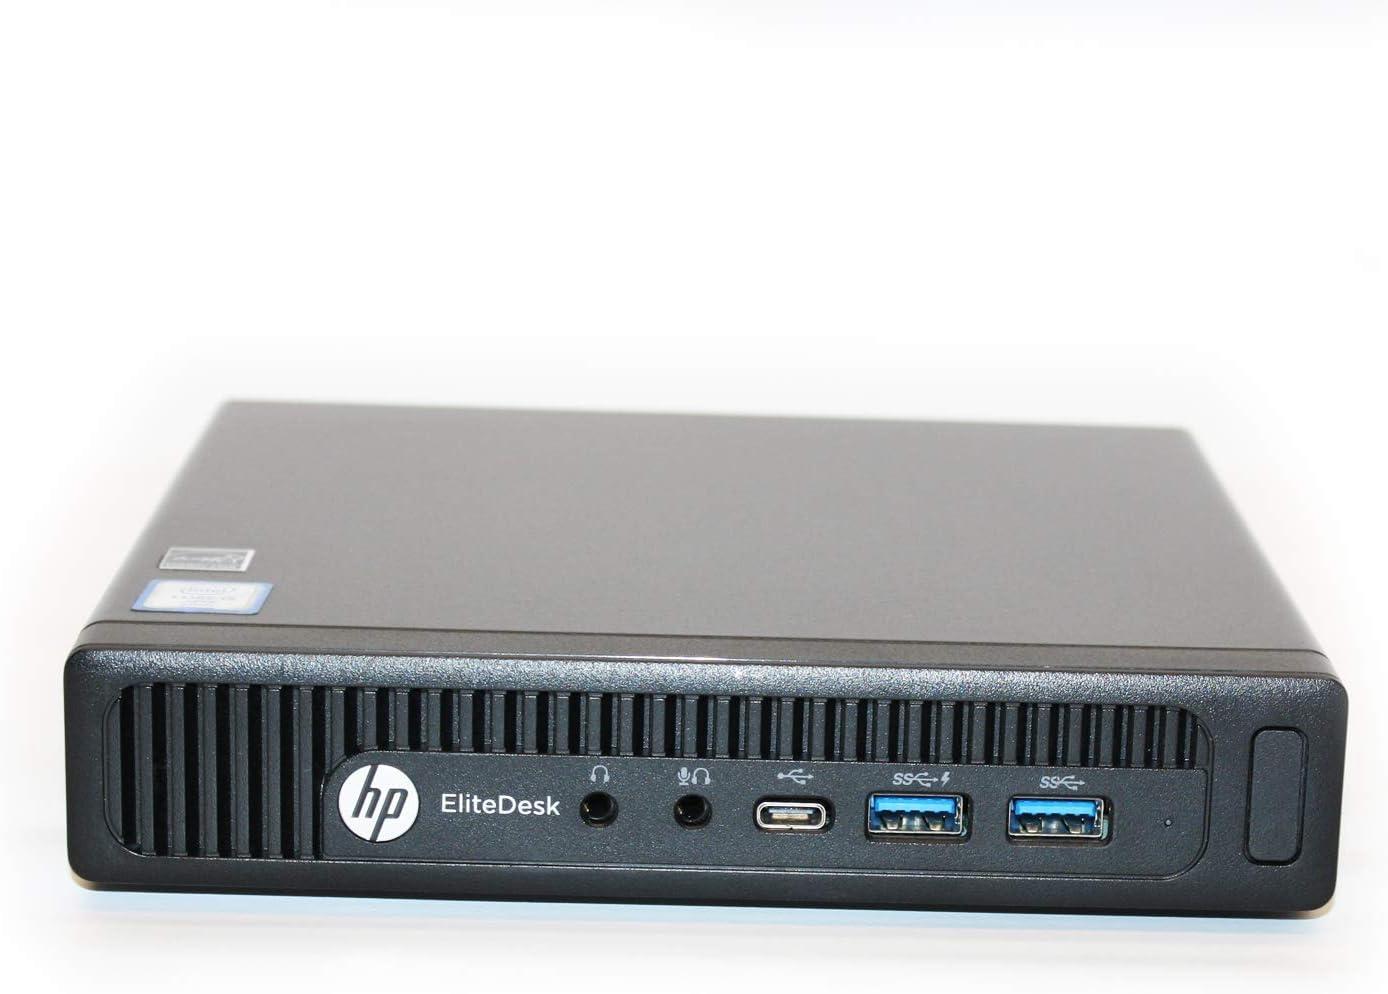 HP EliteDesk 800 G2 Desktop Mini Business PC, Intel Quad-Core i5-6500T up to 3.1GHz 16GB DDR4 480GB SSD Win 10 Pro 64-bit (Renewed)